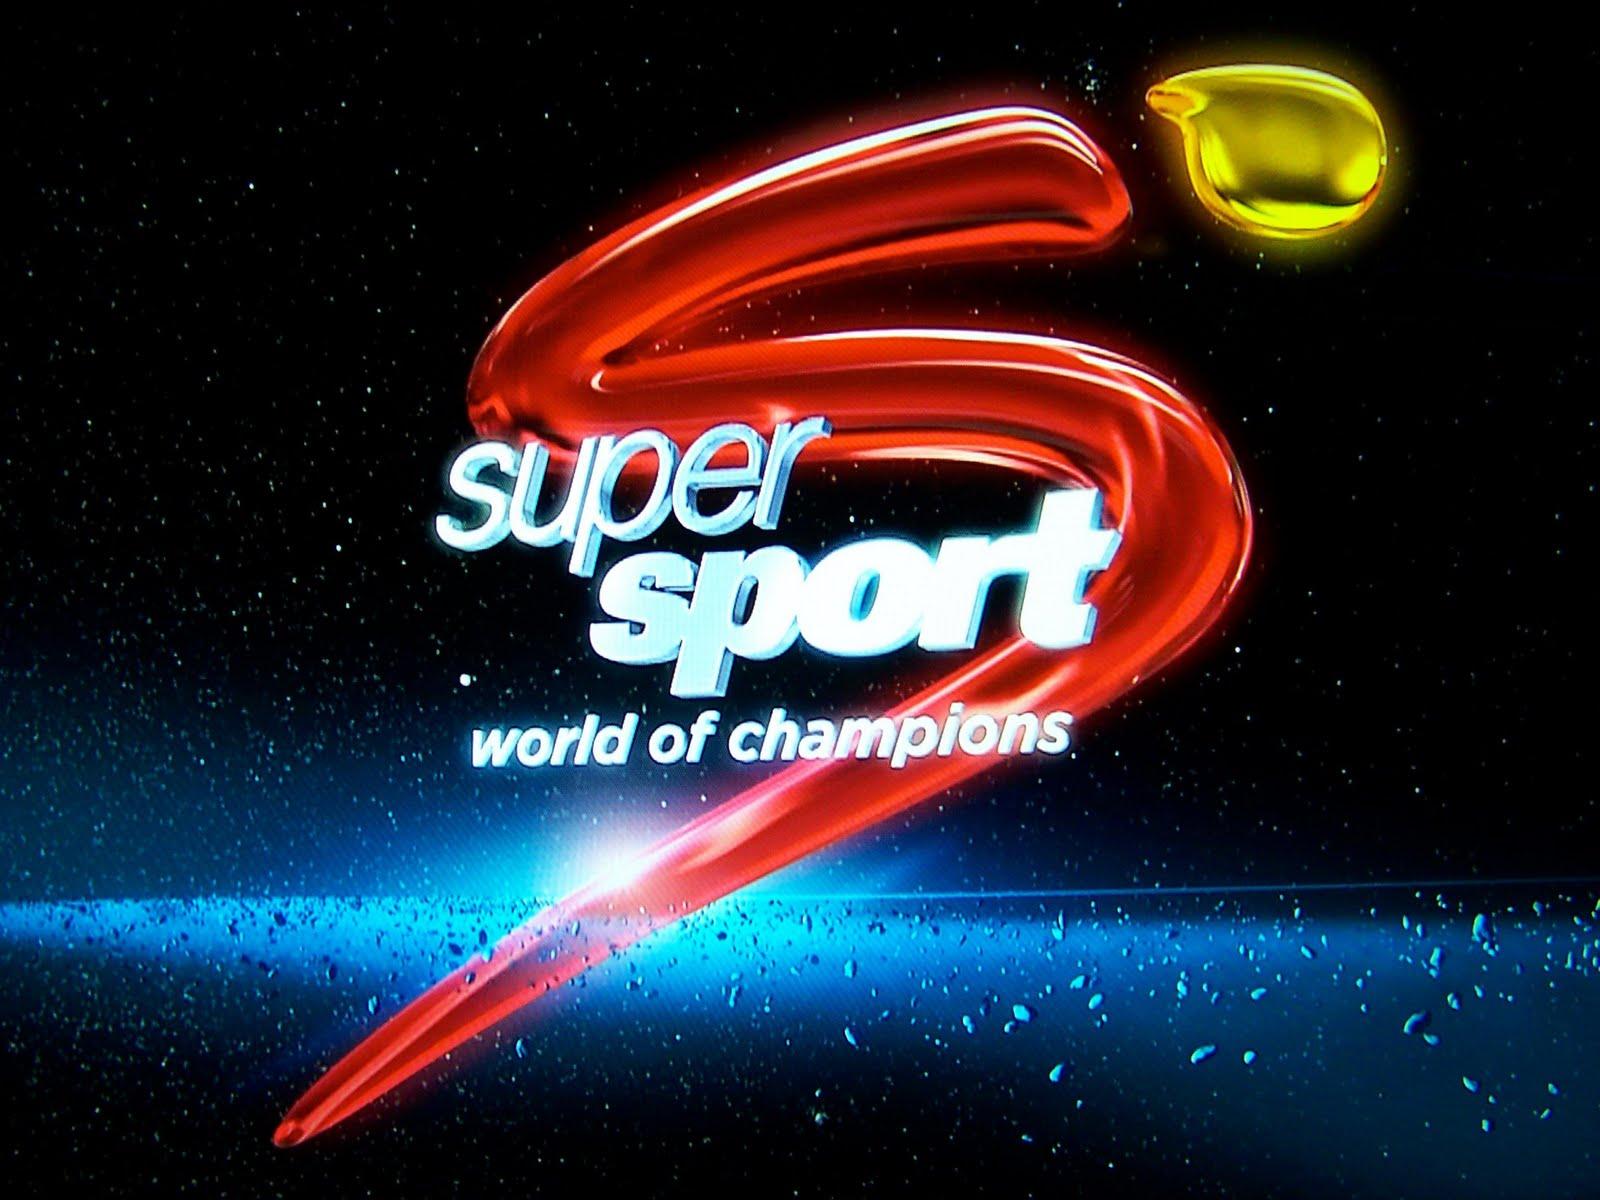 حصري جدا : اطلقت قناة Super Sport قناة جديدة سوف تكون مخصصة لكرة القدم========@@